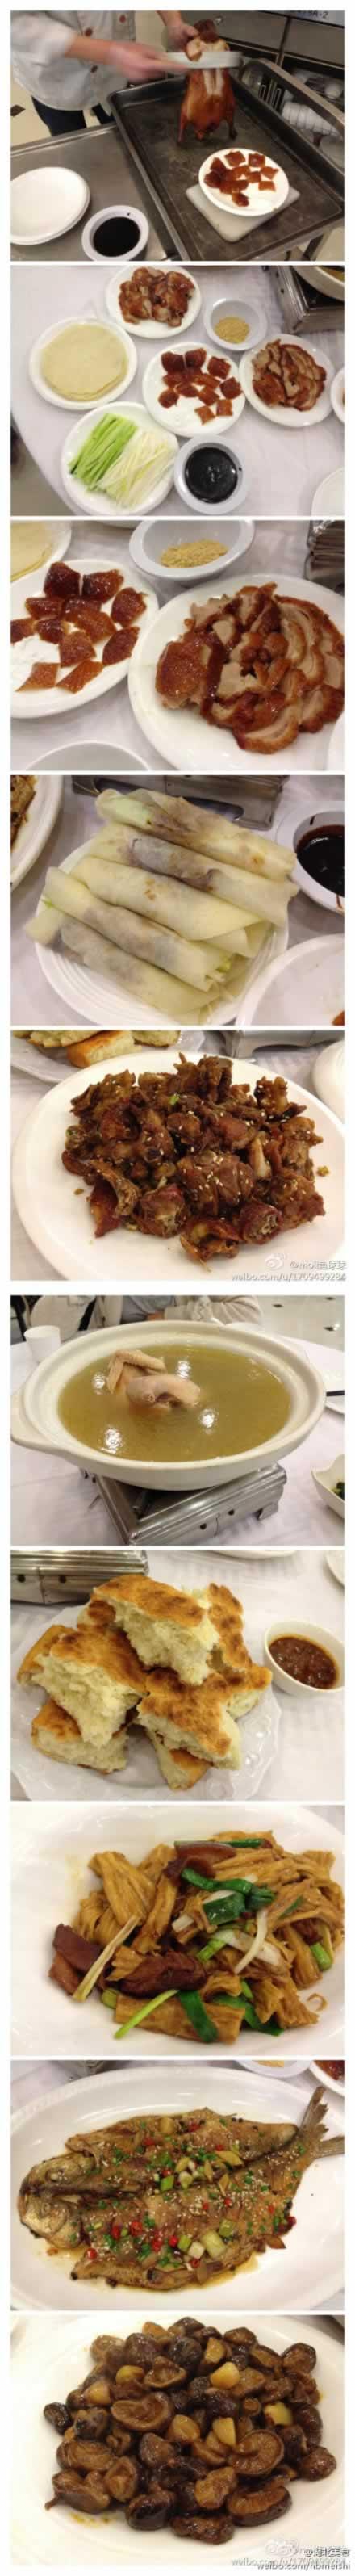 炸鸭架子超酥香  房县小花菇吃了忘不了